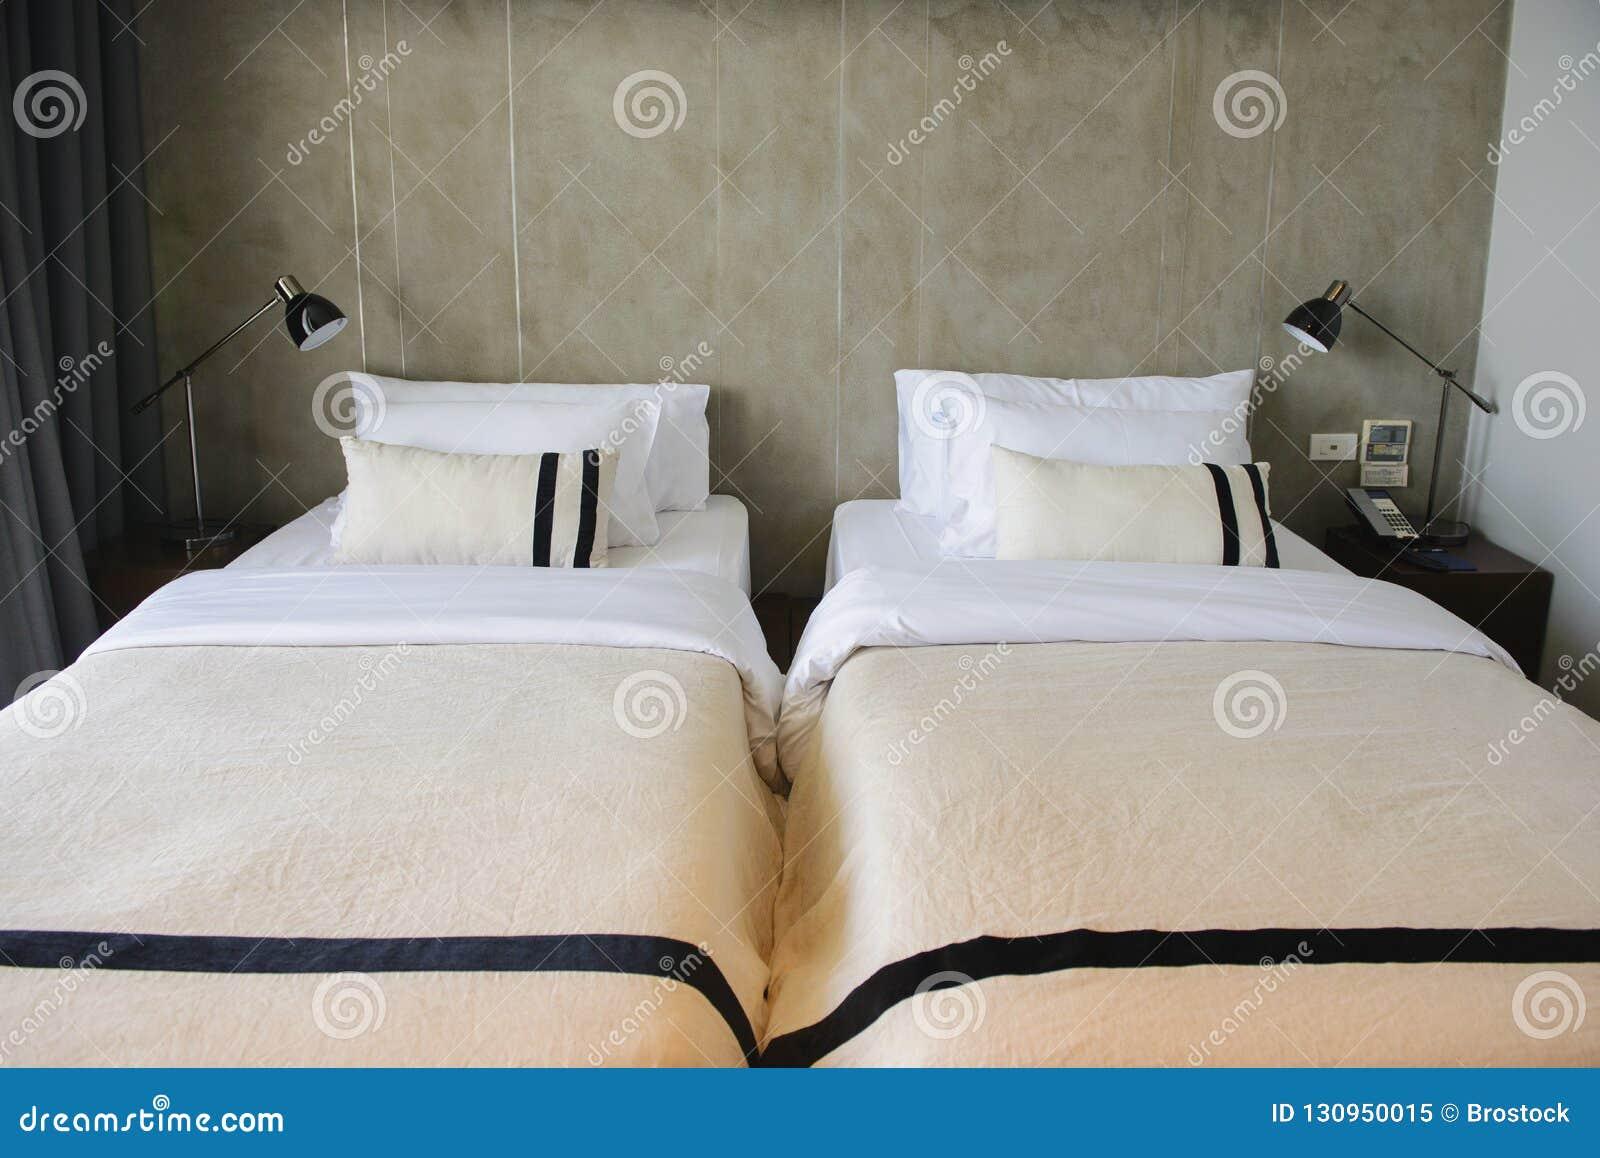 Modernes Hotelzimmer mit Doppelbetten und Kopienraum